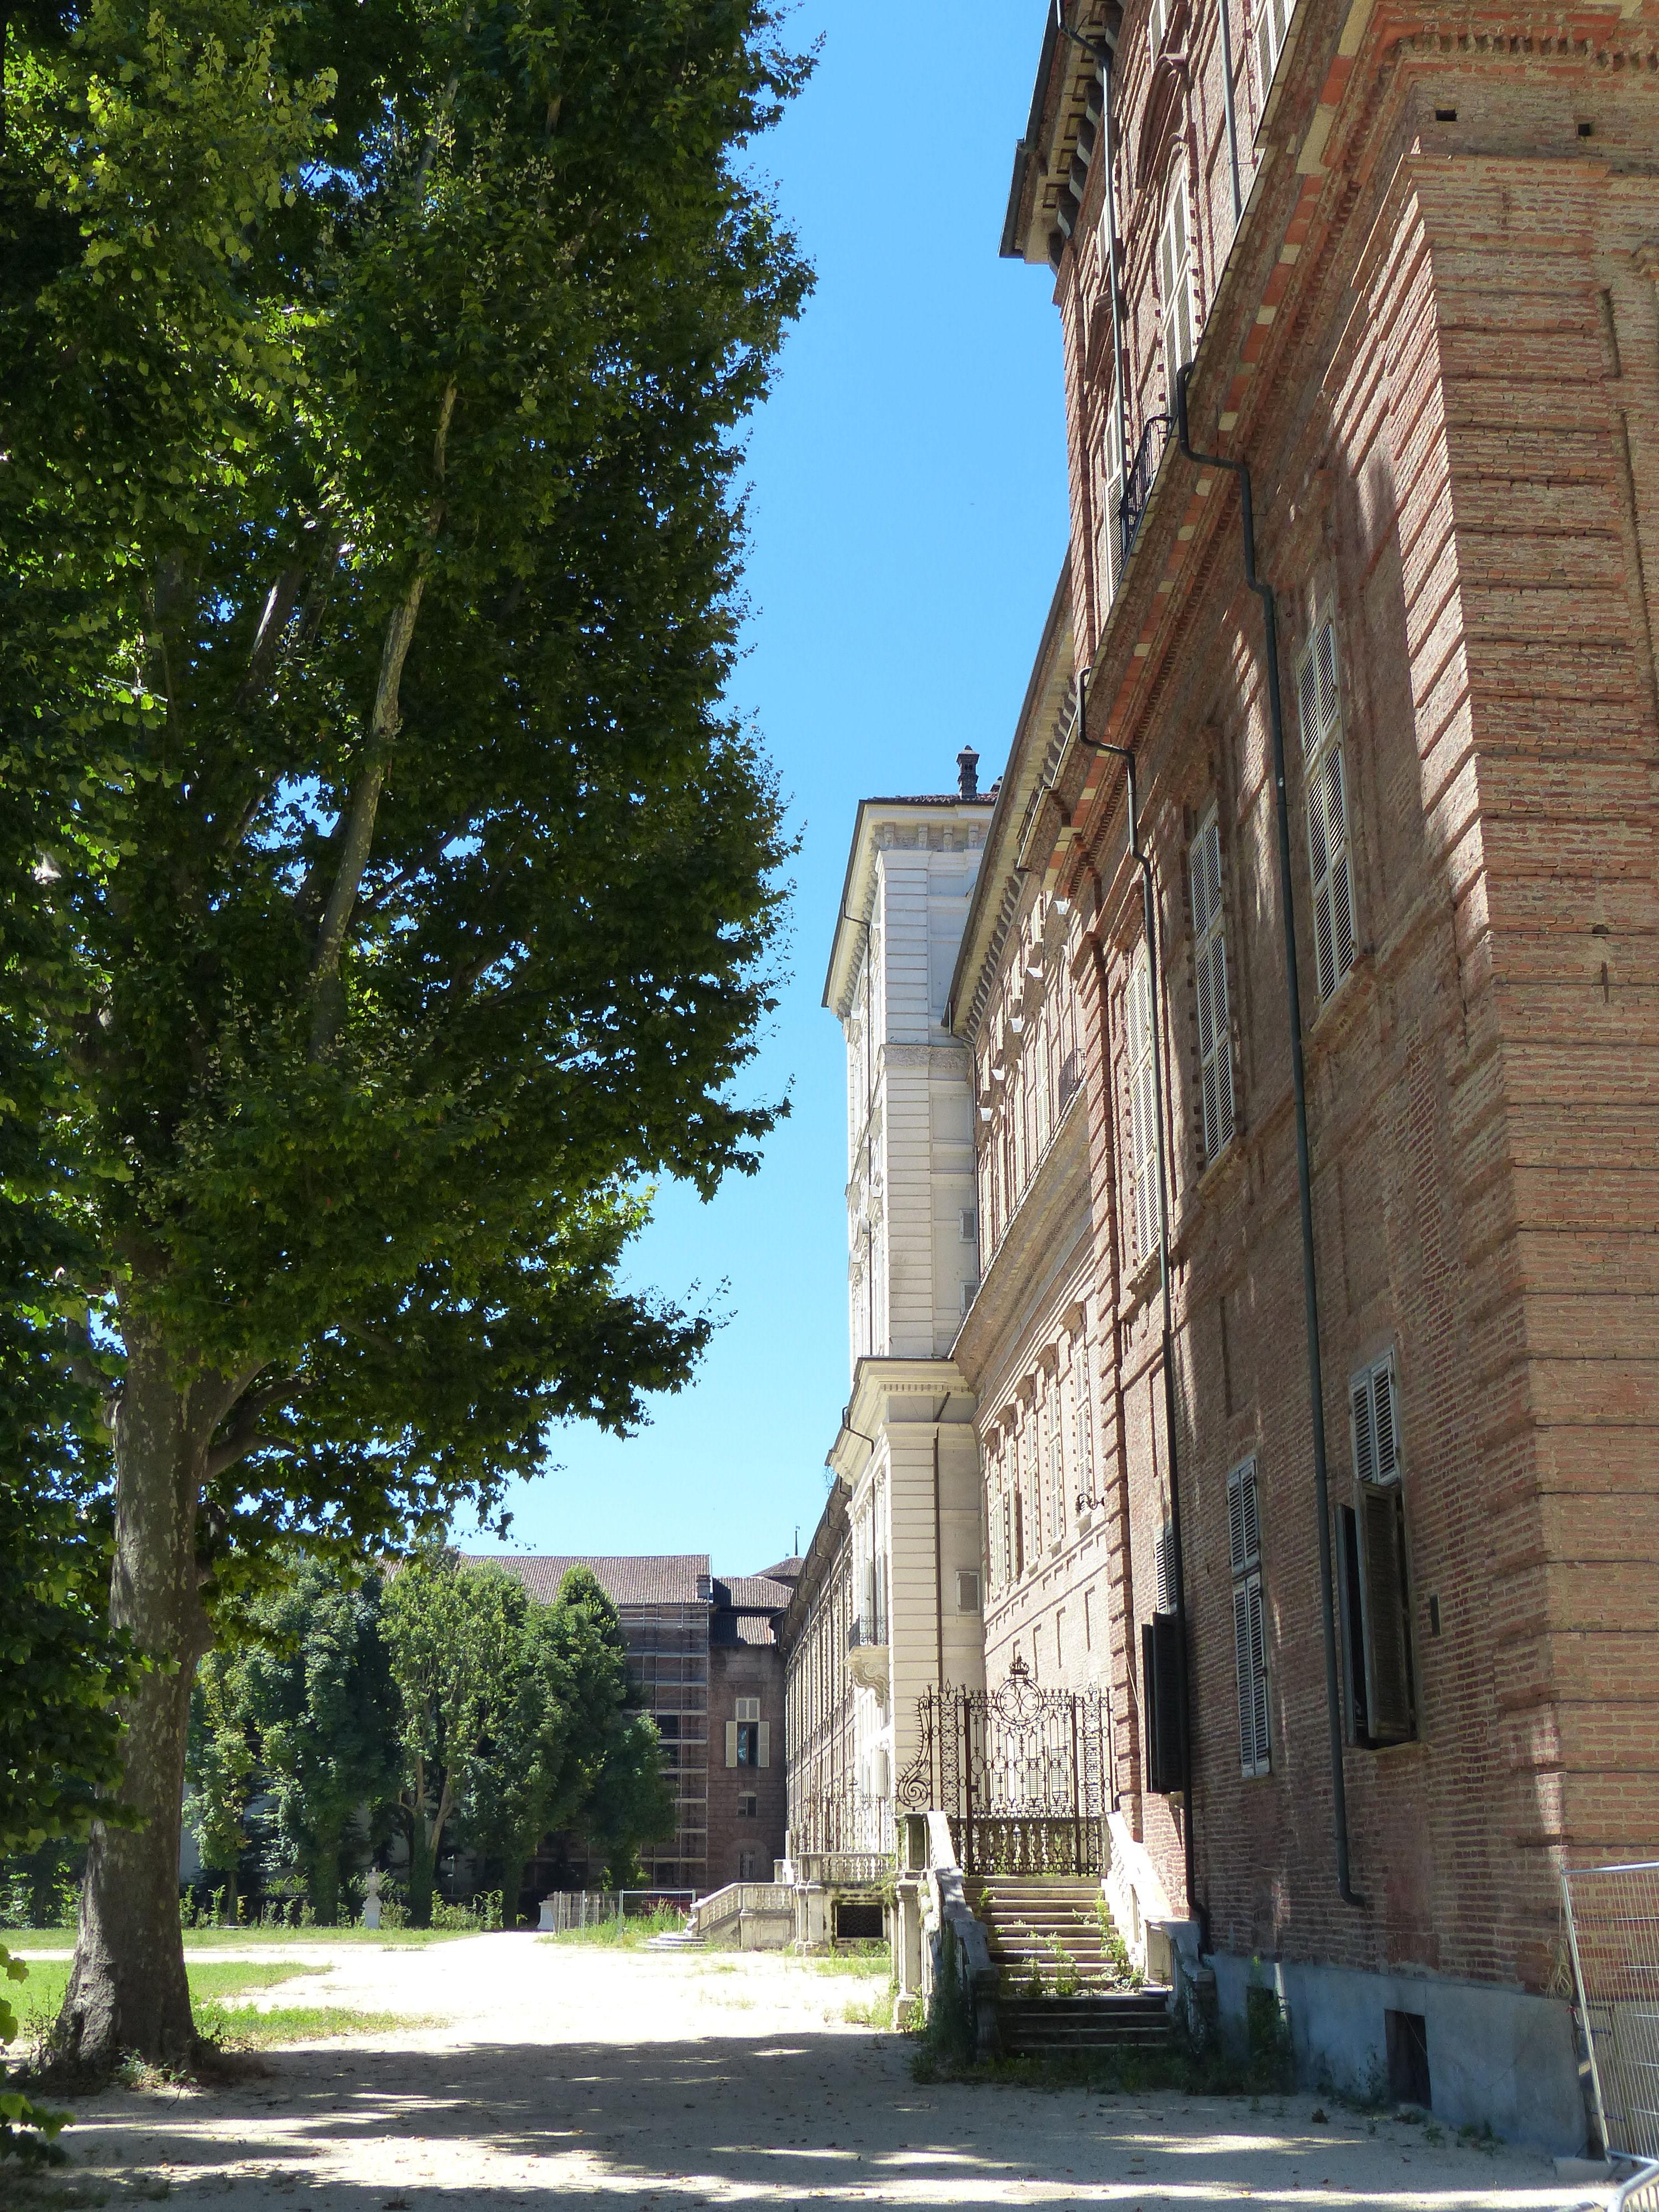 © Dipartimento di Scienze della Vita, Università di Trieste<br>by Andrea Moro<br>Comune di Torino, Giardini Reali, TO, Piemonte, Italia, 26/07/2016<br>Distributed under CC-BY-SA 4.0 license.